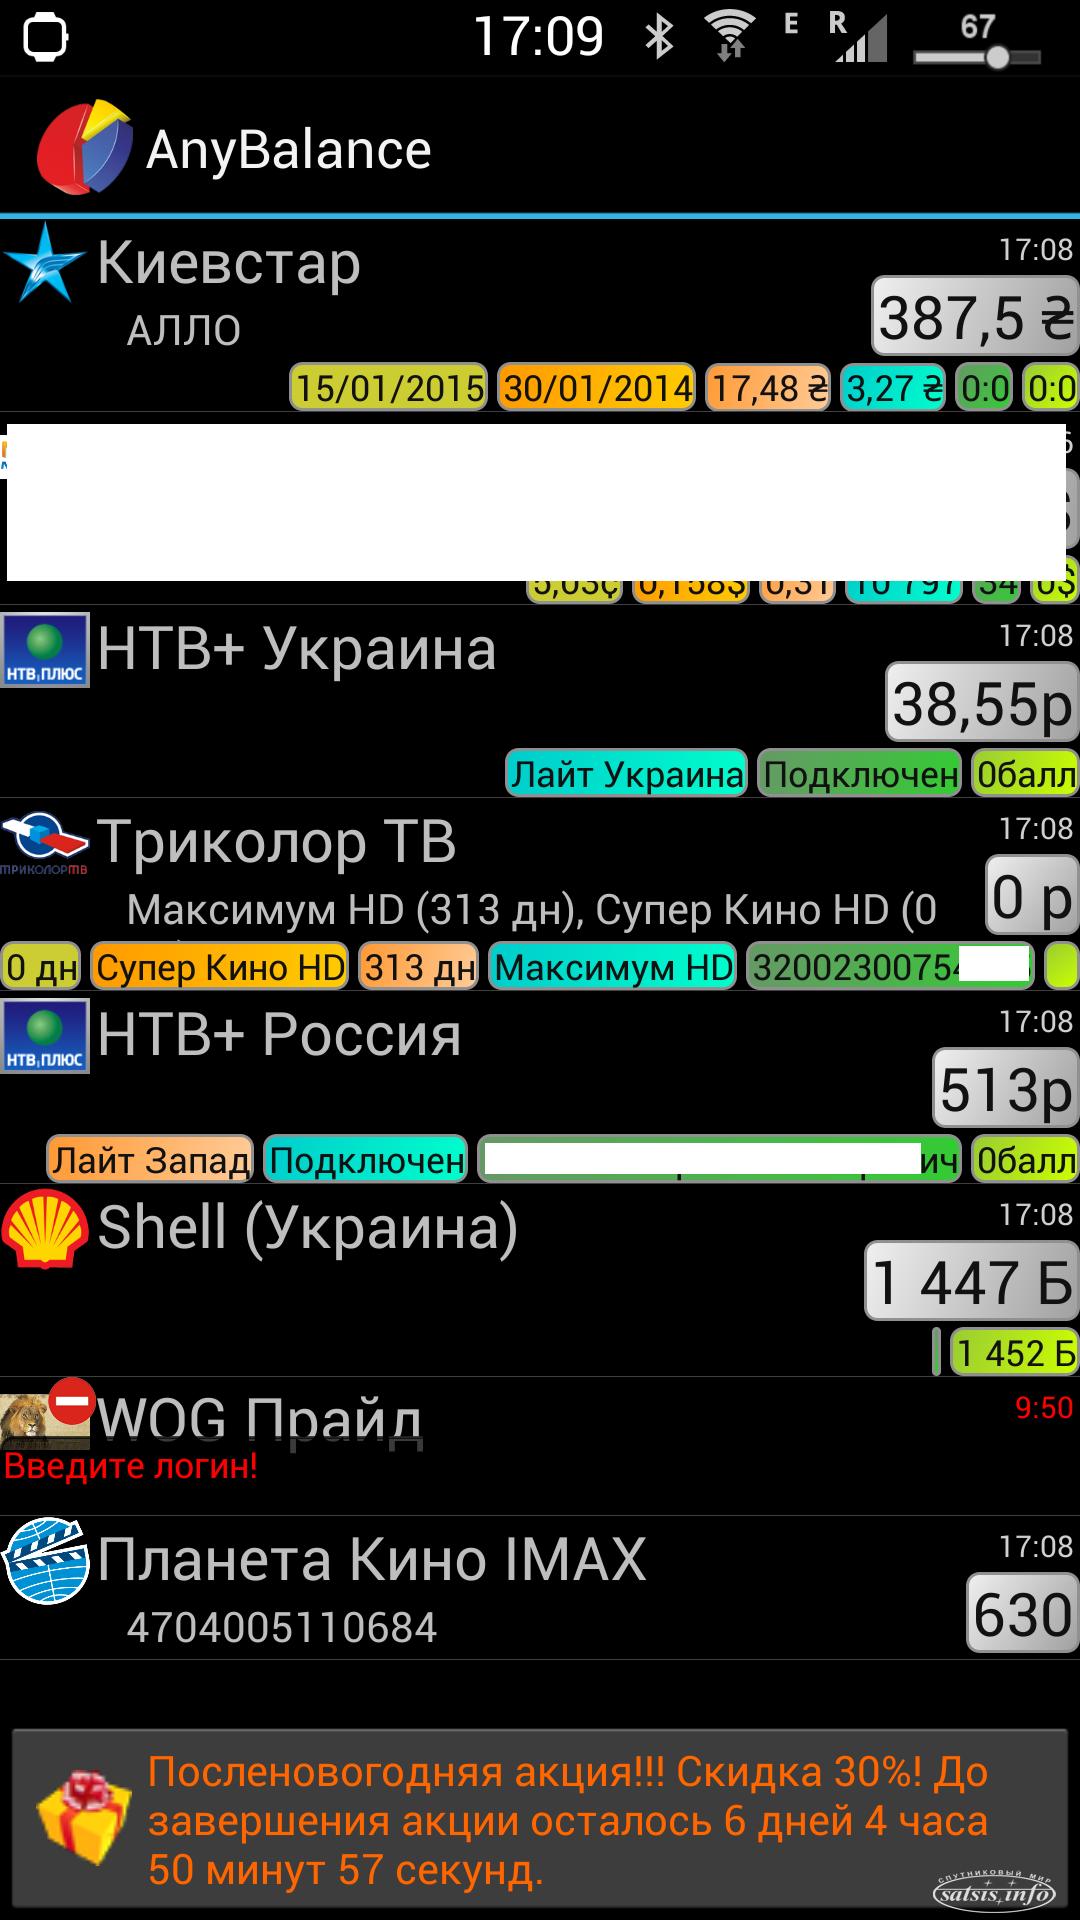 интернет провайдеры иркутск: